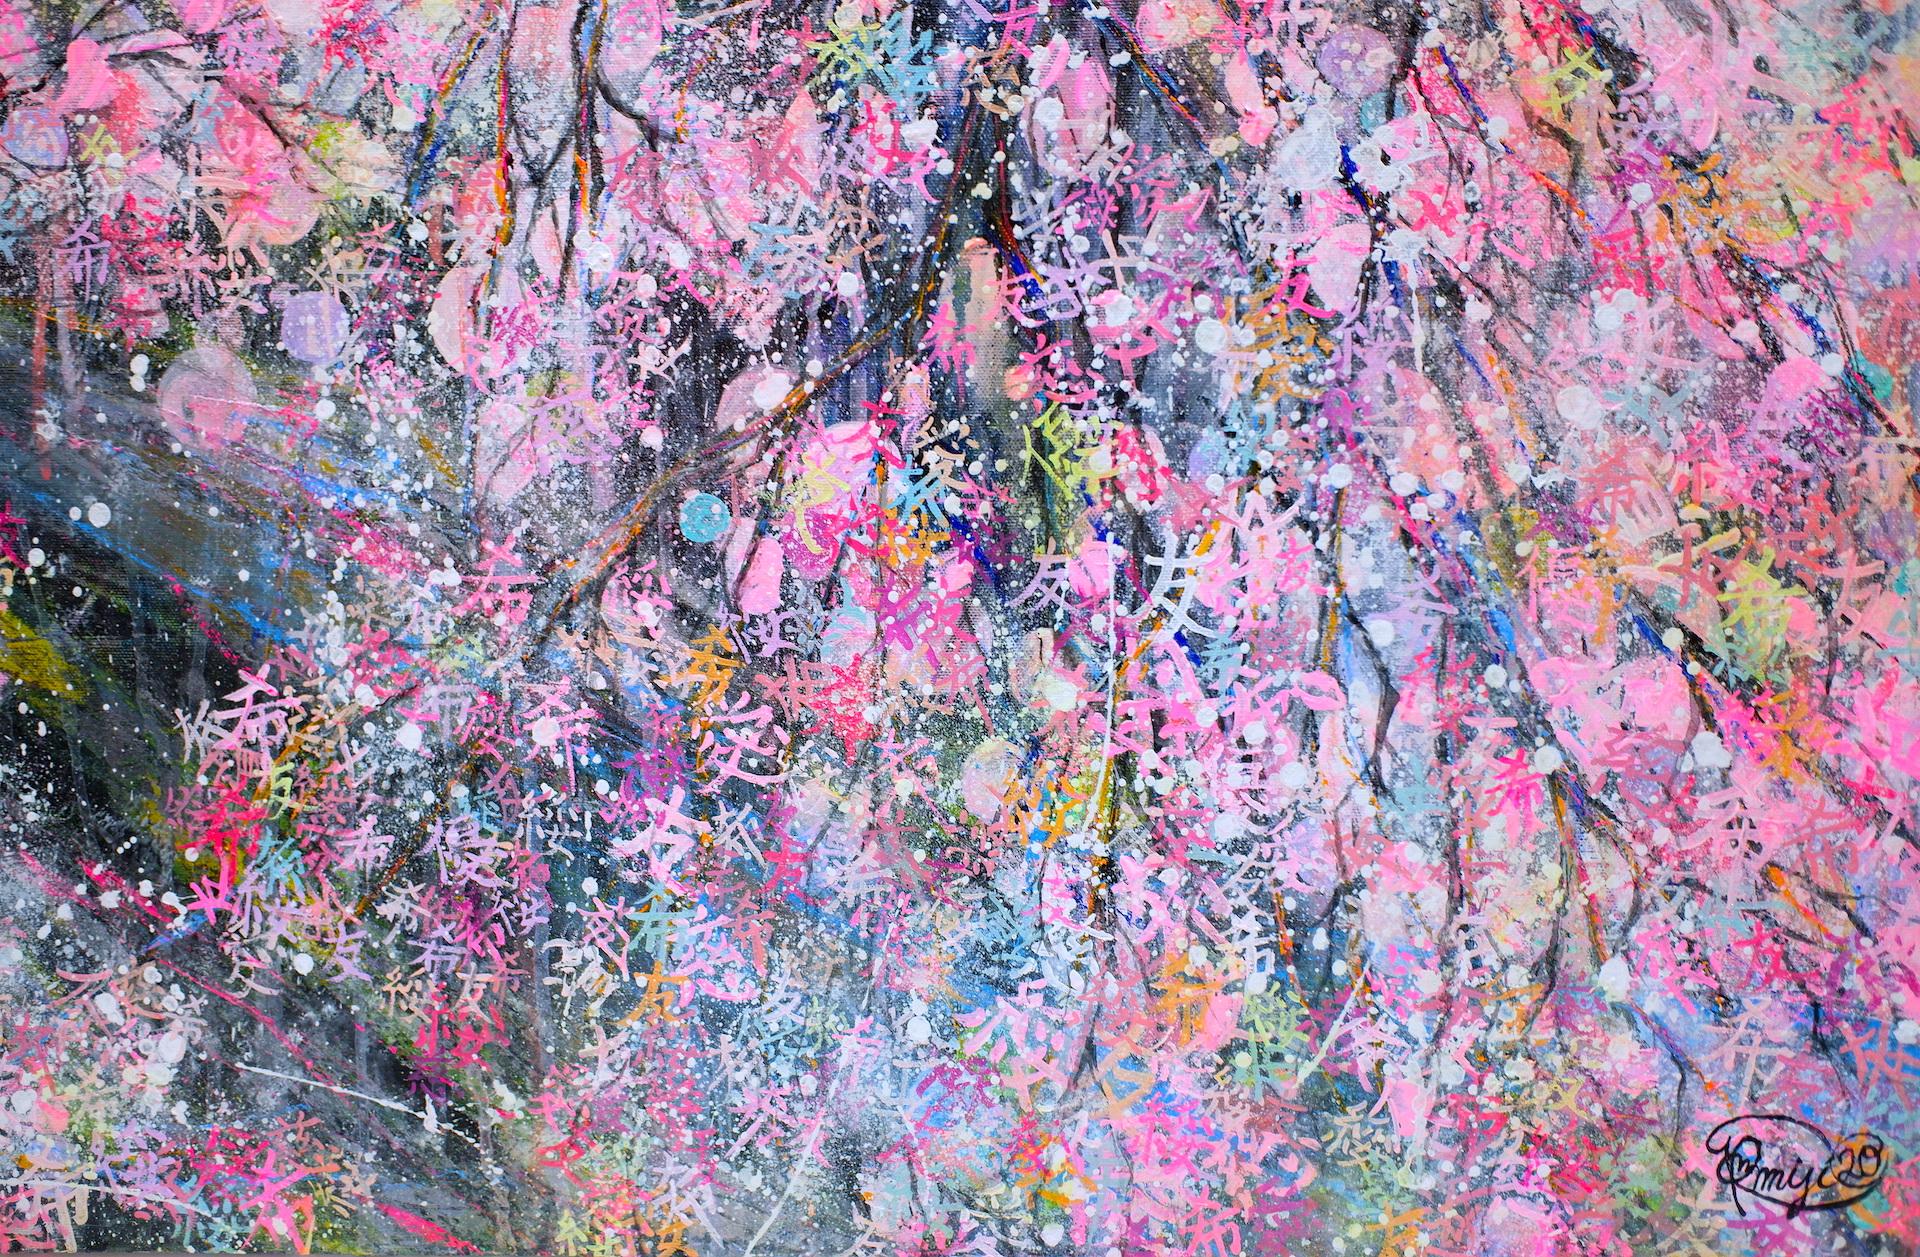 『 一陽来復〜After the rain, come the sun〜』acrylic on canvas (100.0×80.3cm/F40)